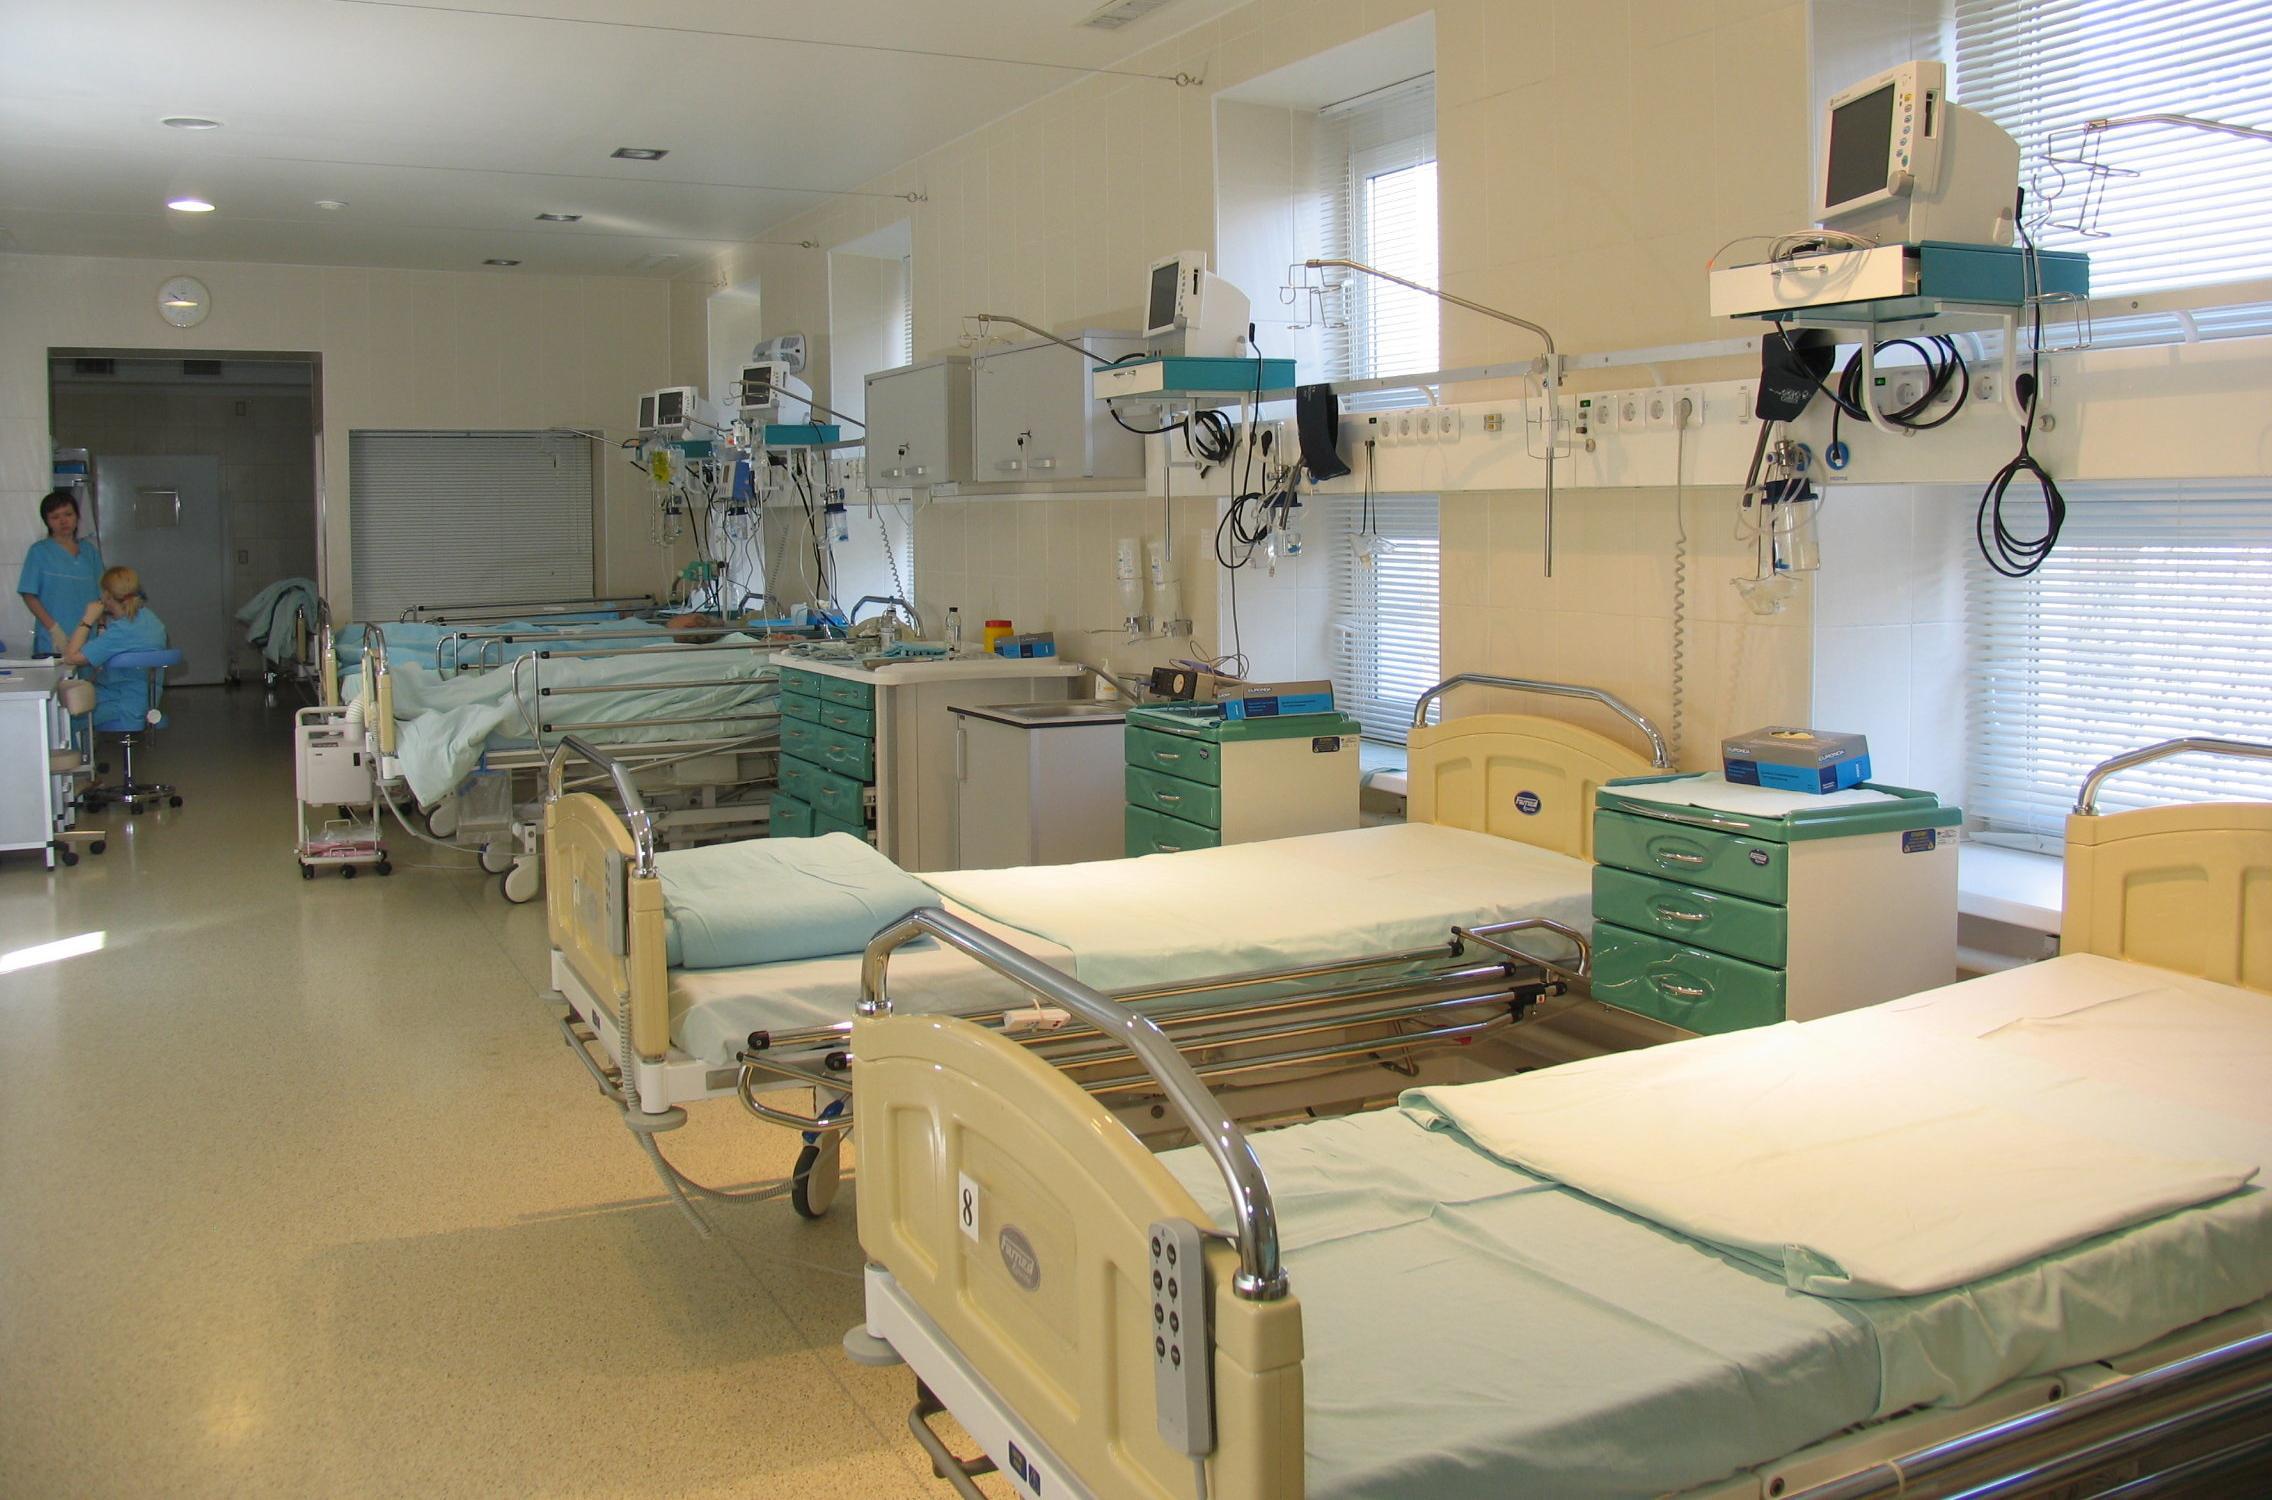 Днепропетровский центр пластической хирургии, восстановление девственной плевы пластическая хирургия программы и цены